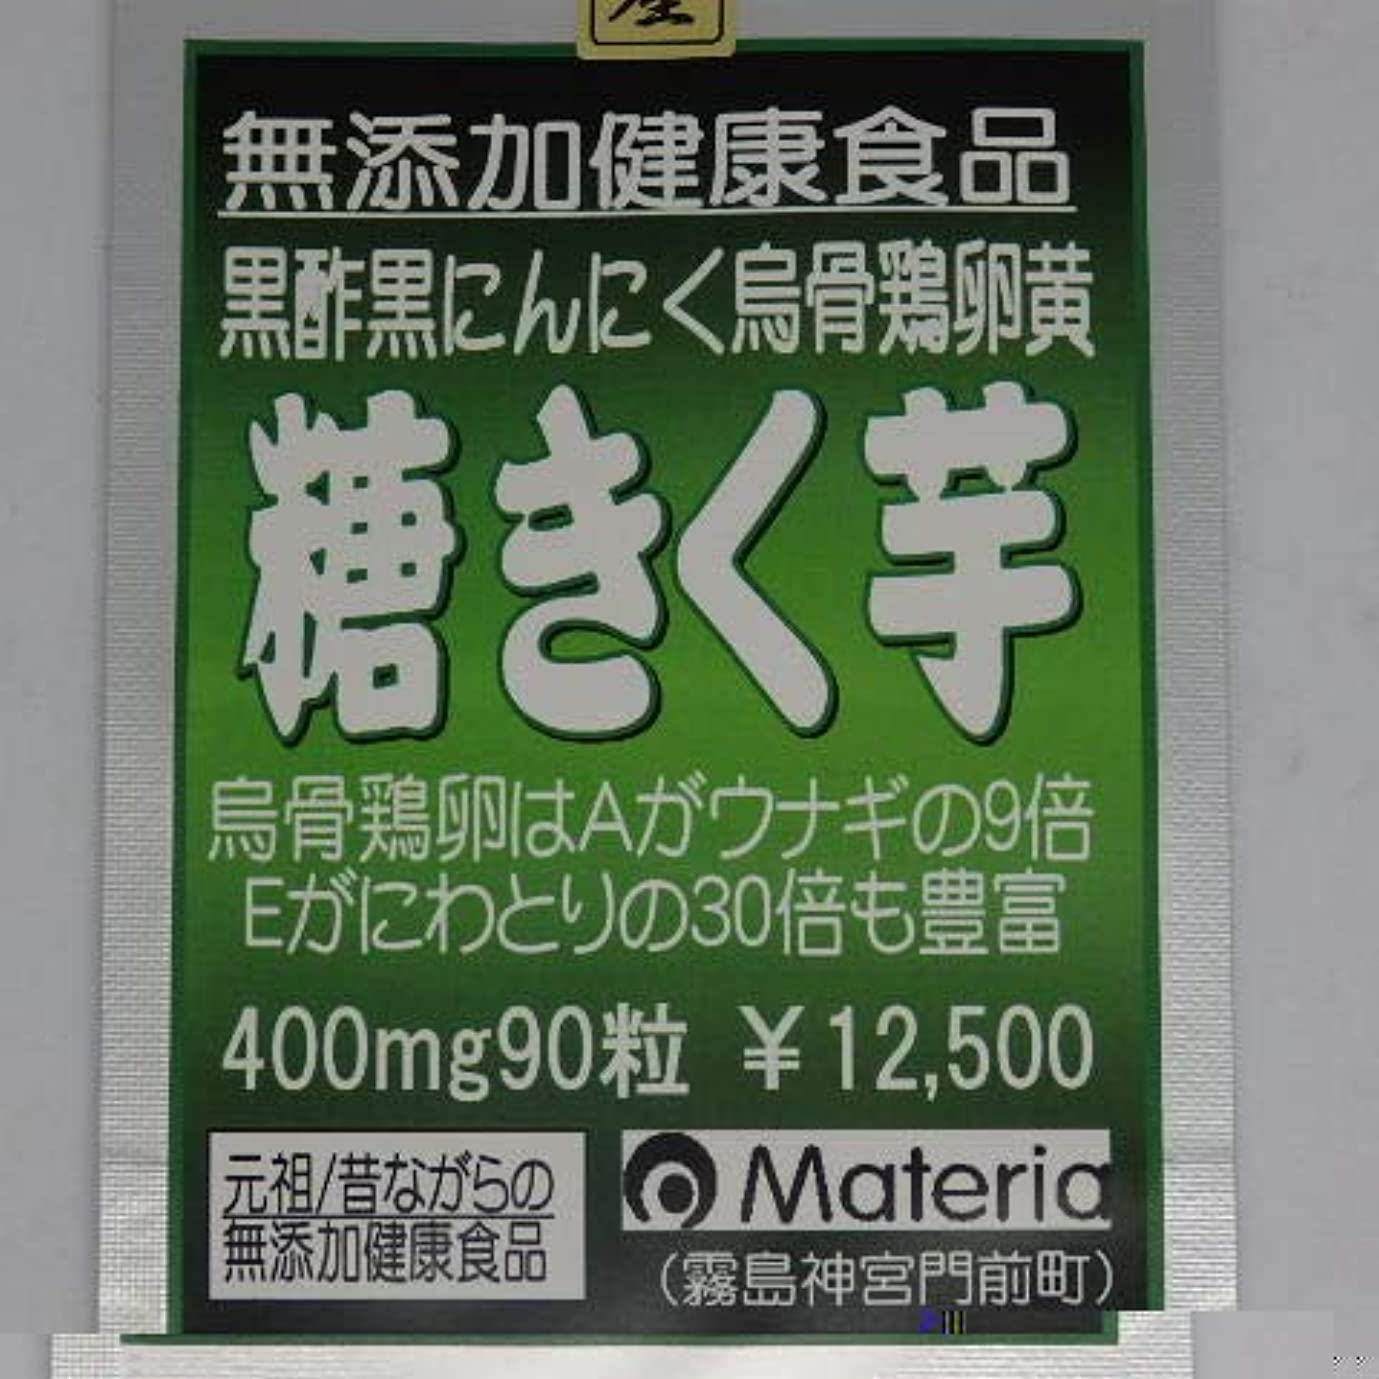 トン聞きます怠けた無添加健康食品/黒酢黒にんにく烏骨鶏卵黄/菊芋糖系 (90粒)90日分¥12,500